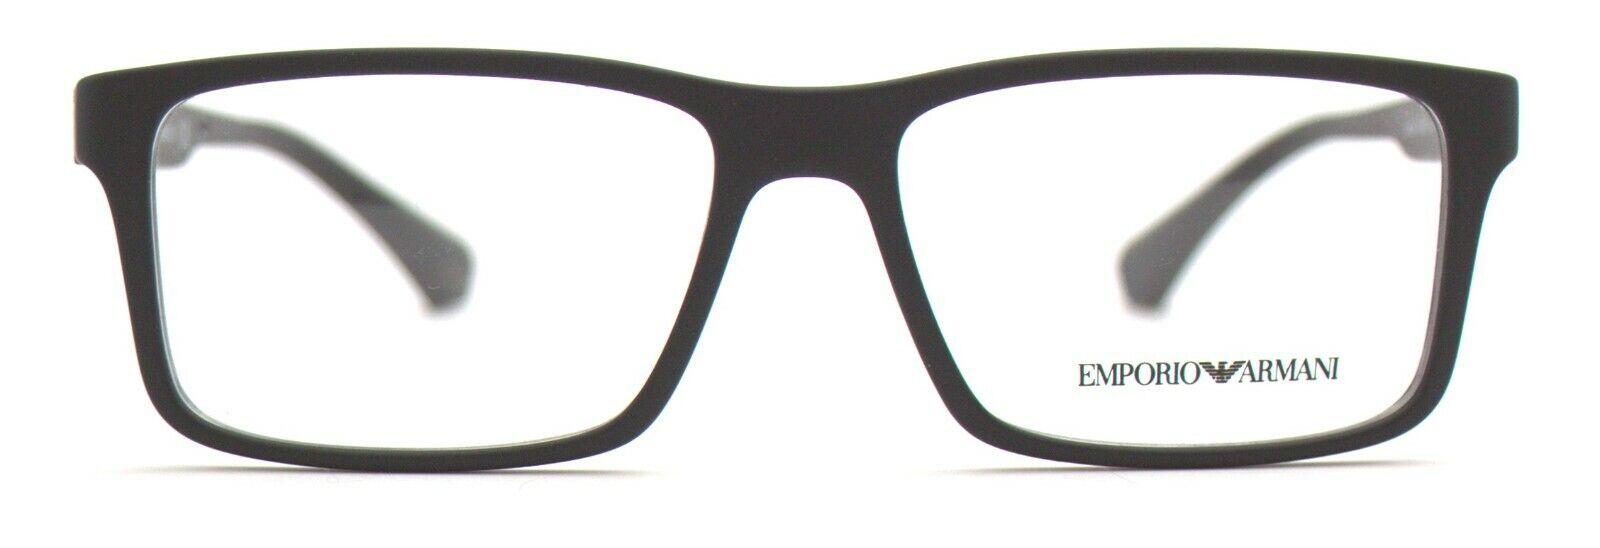 Emporio Armani Herren Brillenfassung EA3038 5063 54mm schwarz matt BO12 5 B